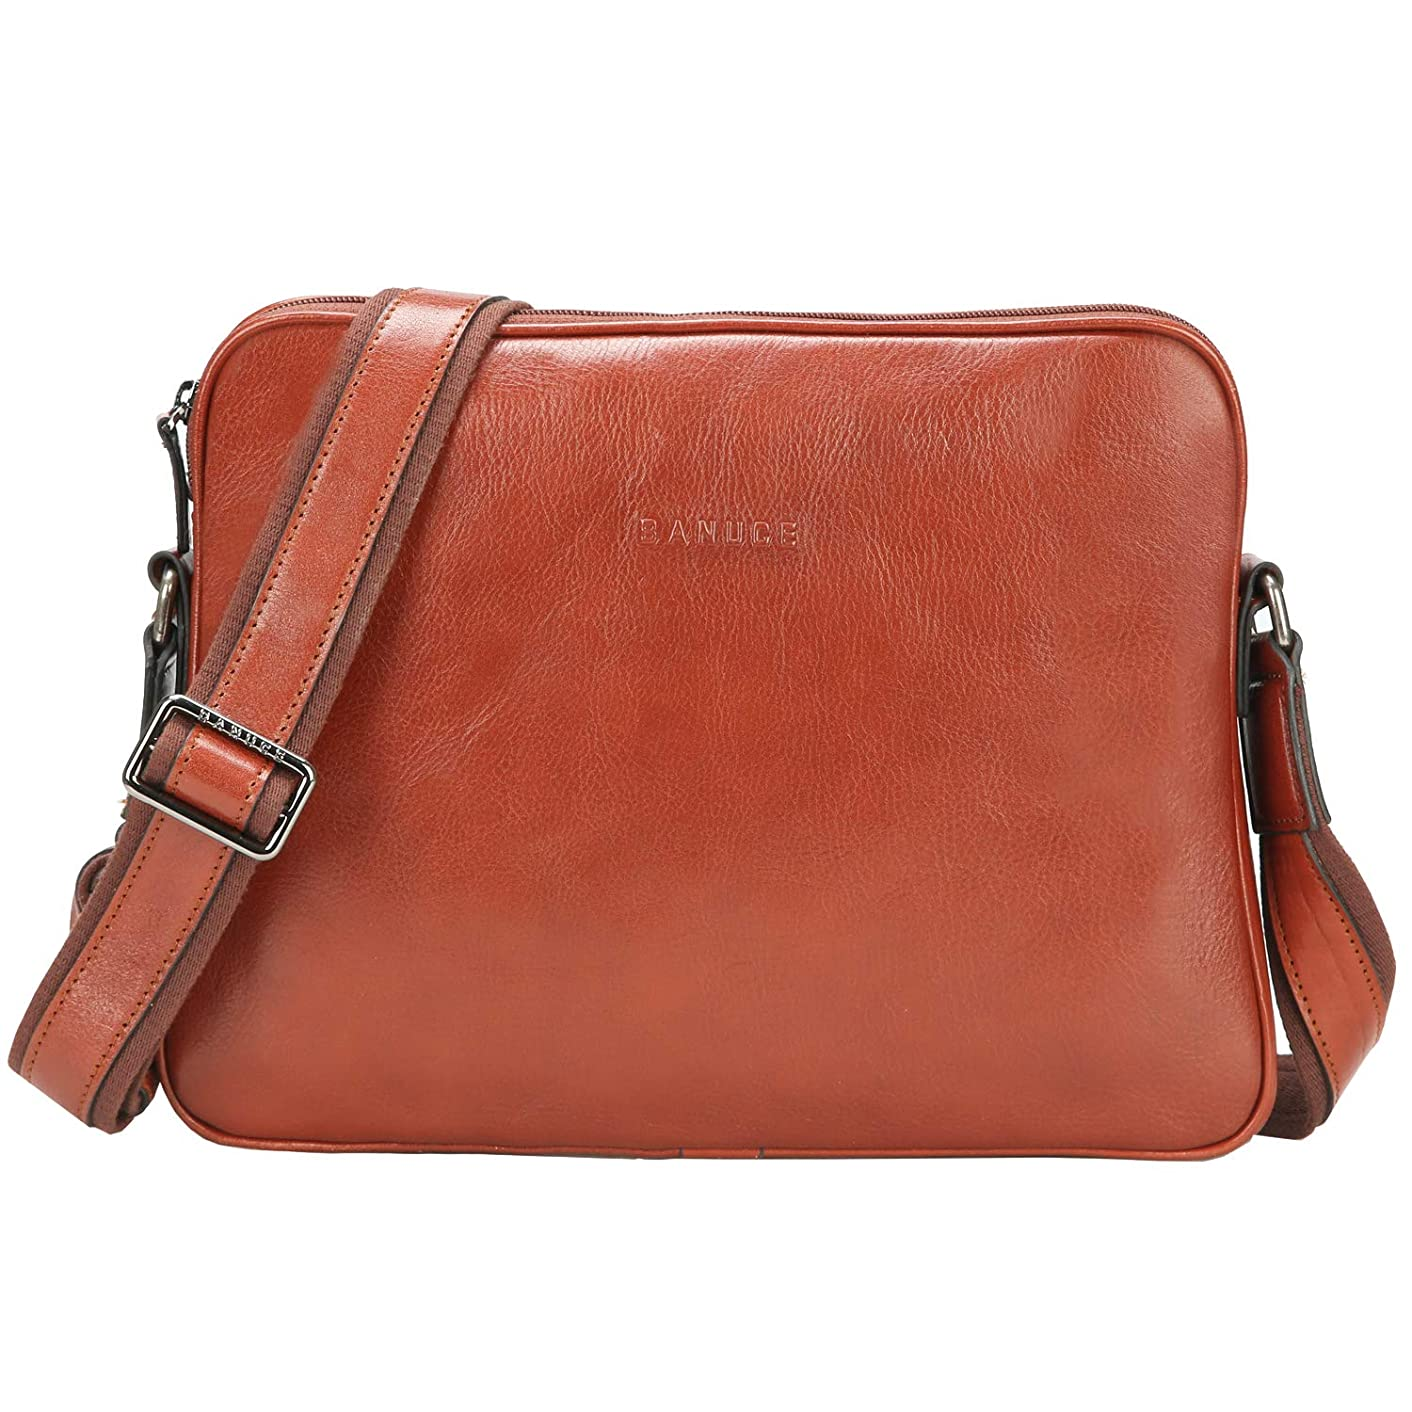 """オーストラリア人縫い目しっとりショルダーバッグ メンズ メッセンジャーバッグ 本革 カバン 斜め掛けバッグ イタリア 革 軽量 薄型 9.7""""iPadの収納 ビジネスバッグ"""